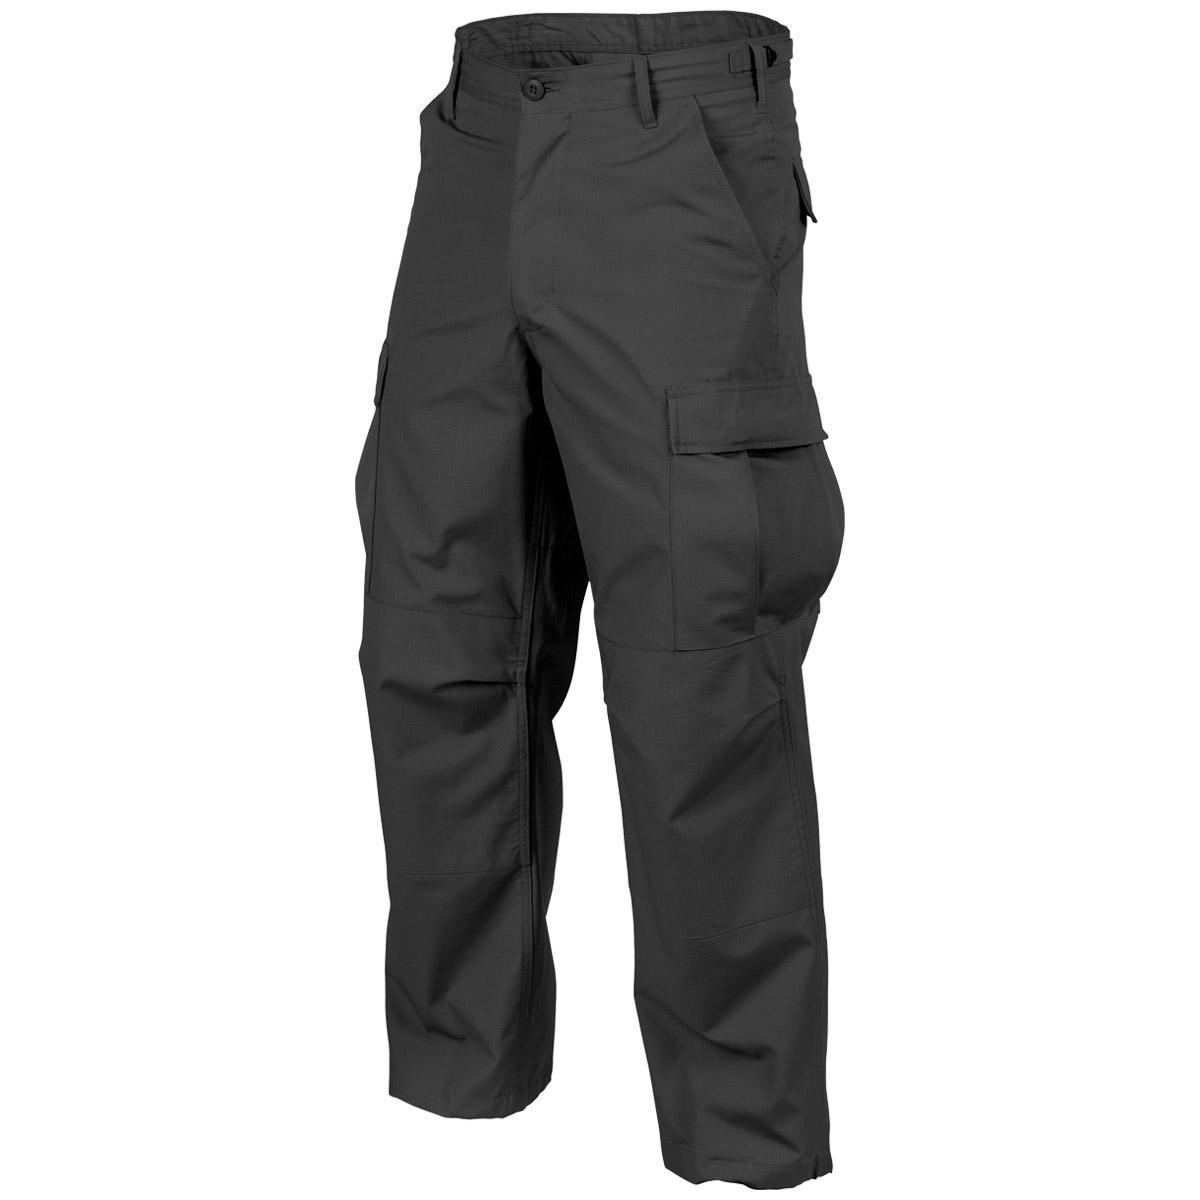 genuine bdu combat trousers mens work wear cargo helikon